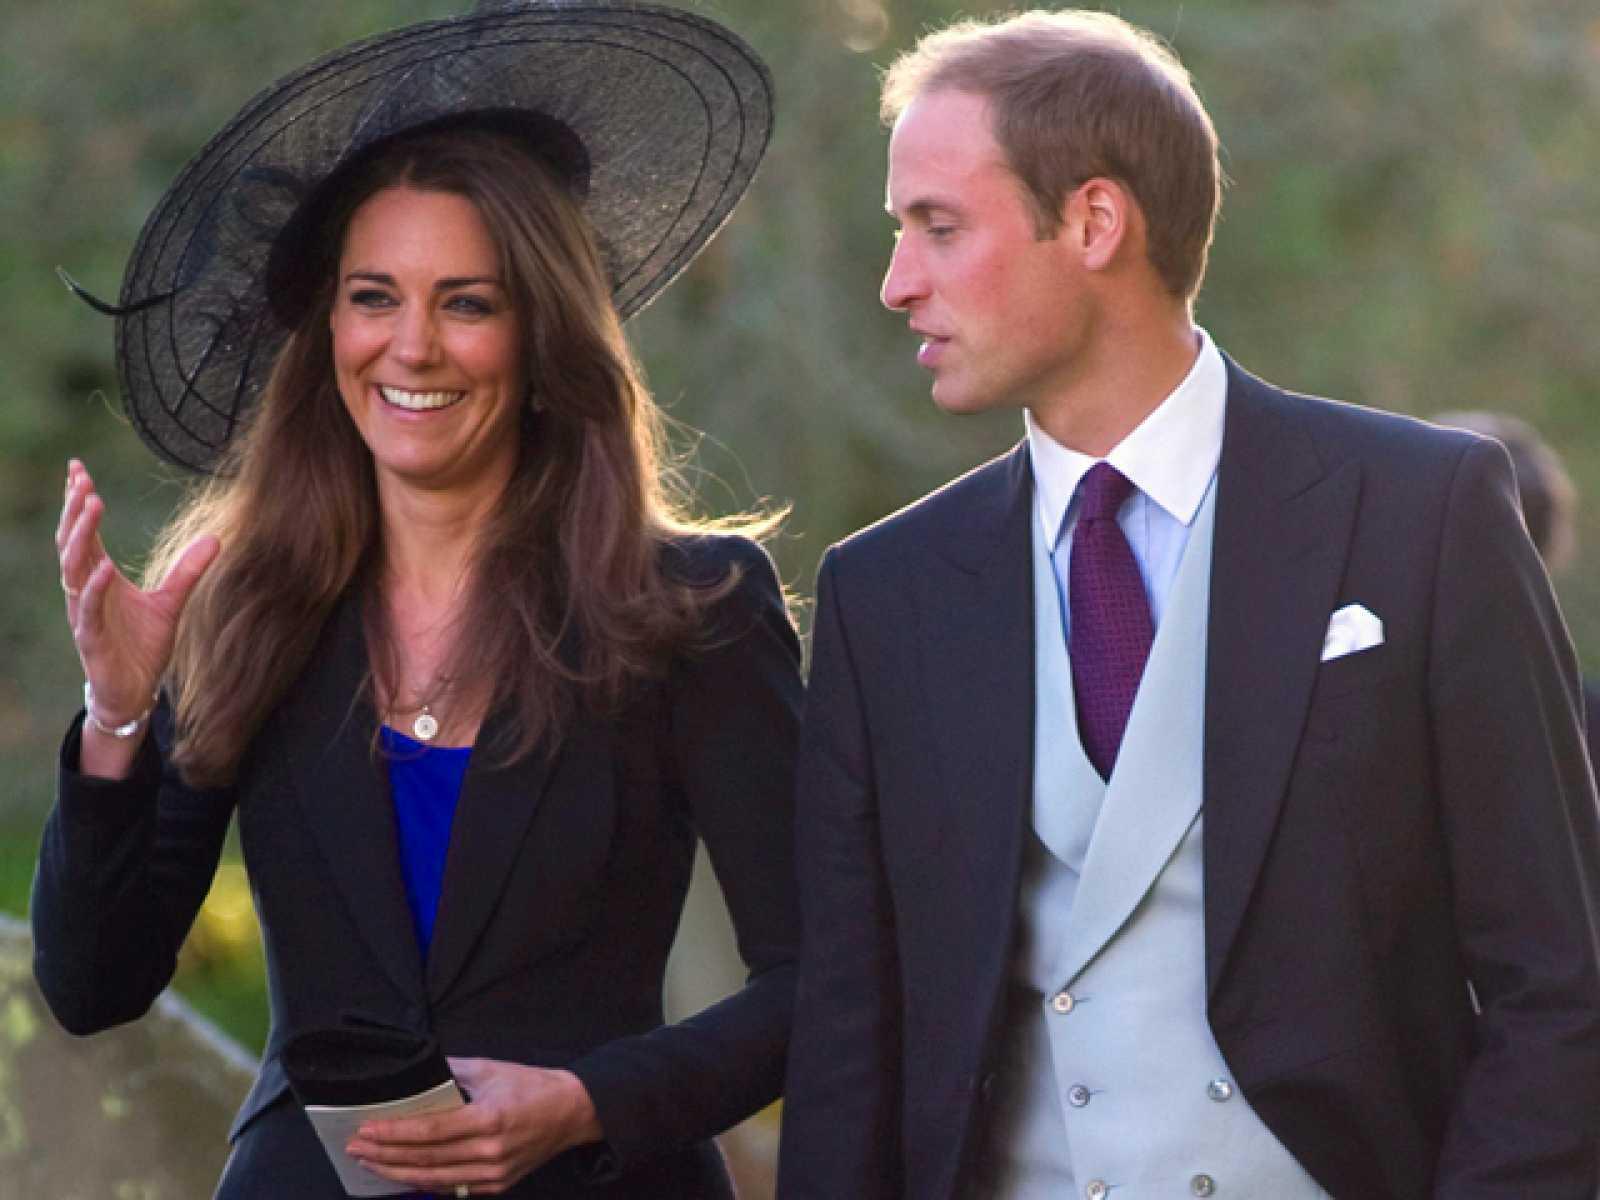 el principe guillermo de inglaterra se casara con su novia kate middleton en 2011 rtve es el principe guillermo se casa